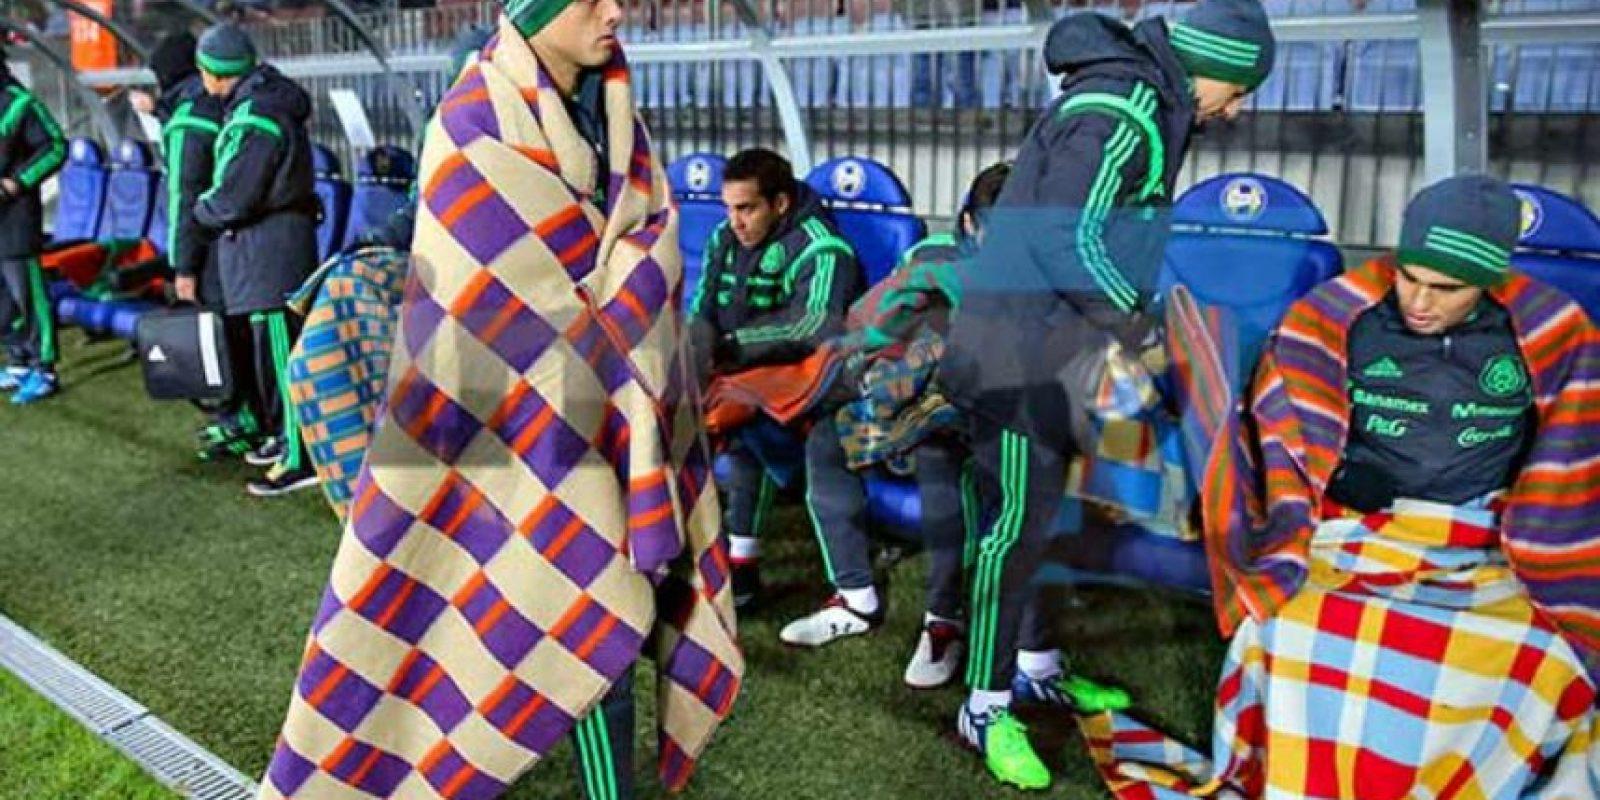 Los verdes optaron por cobijas, en el partido amistoso ante Holanda Foto:Twitter: @juanfutbol